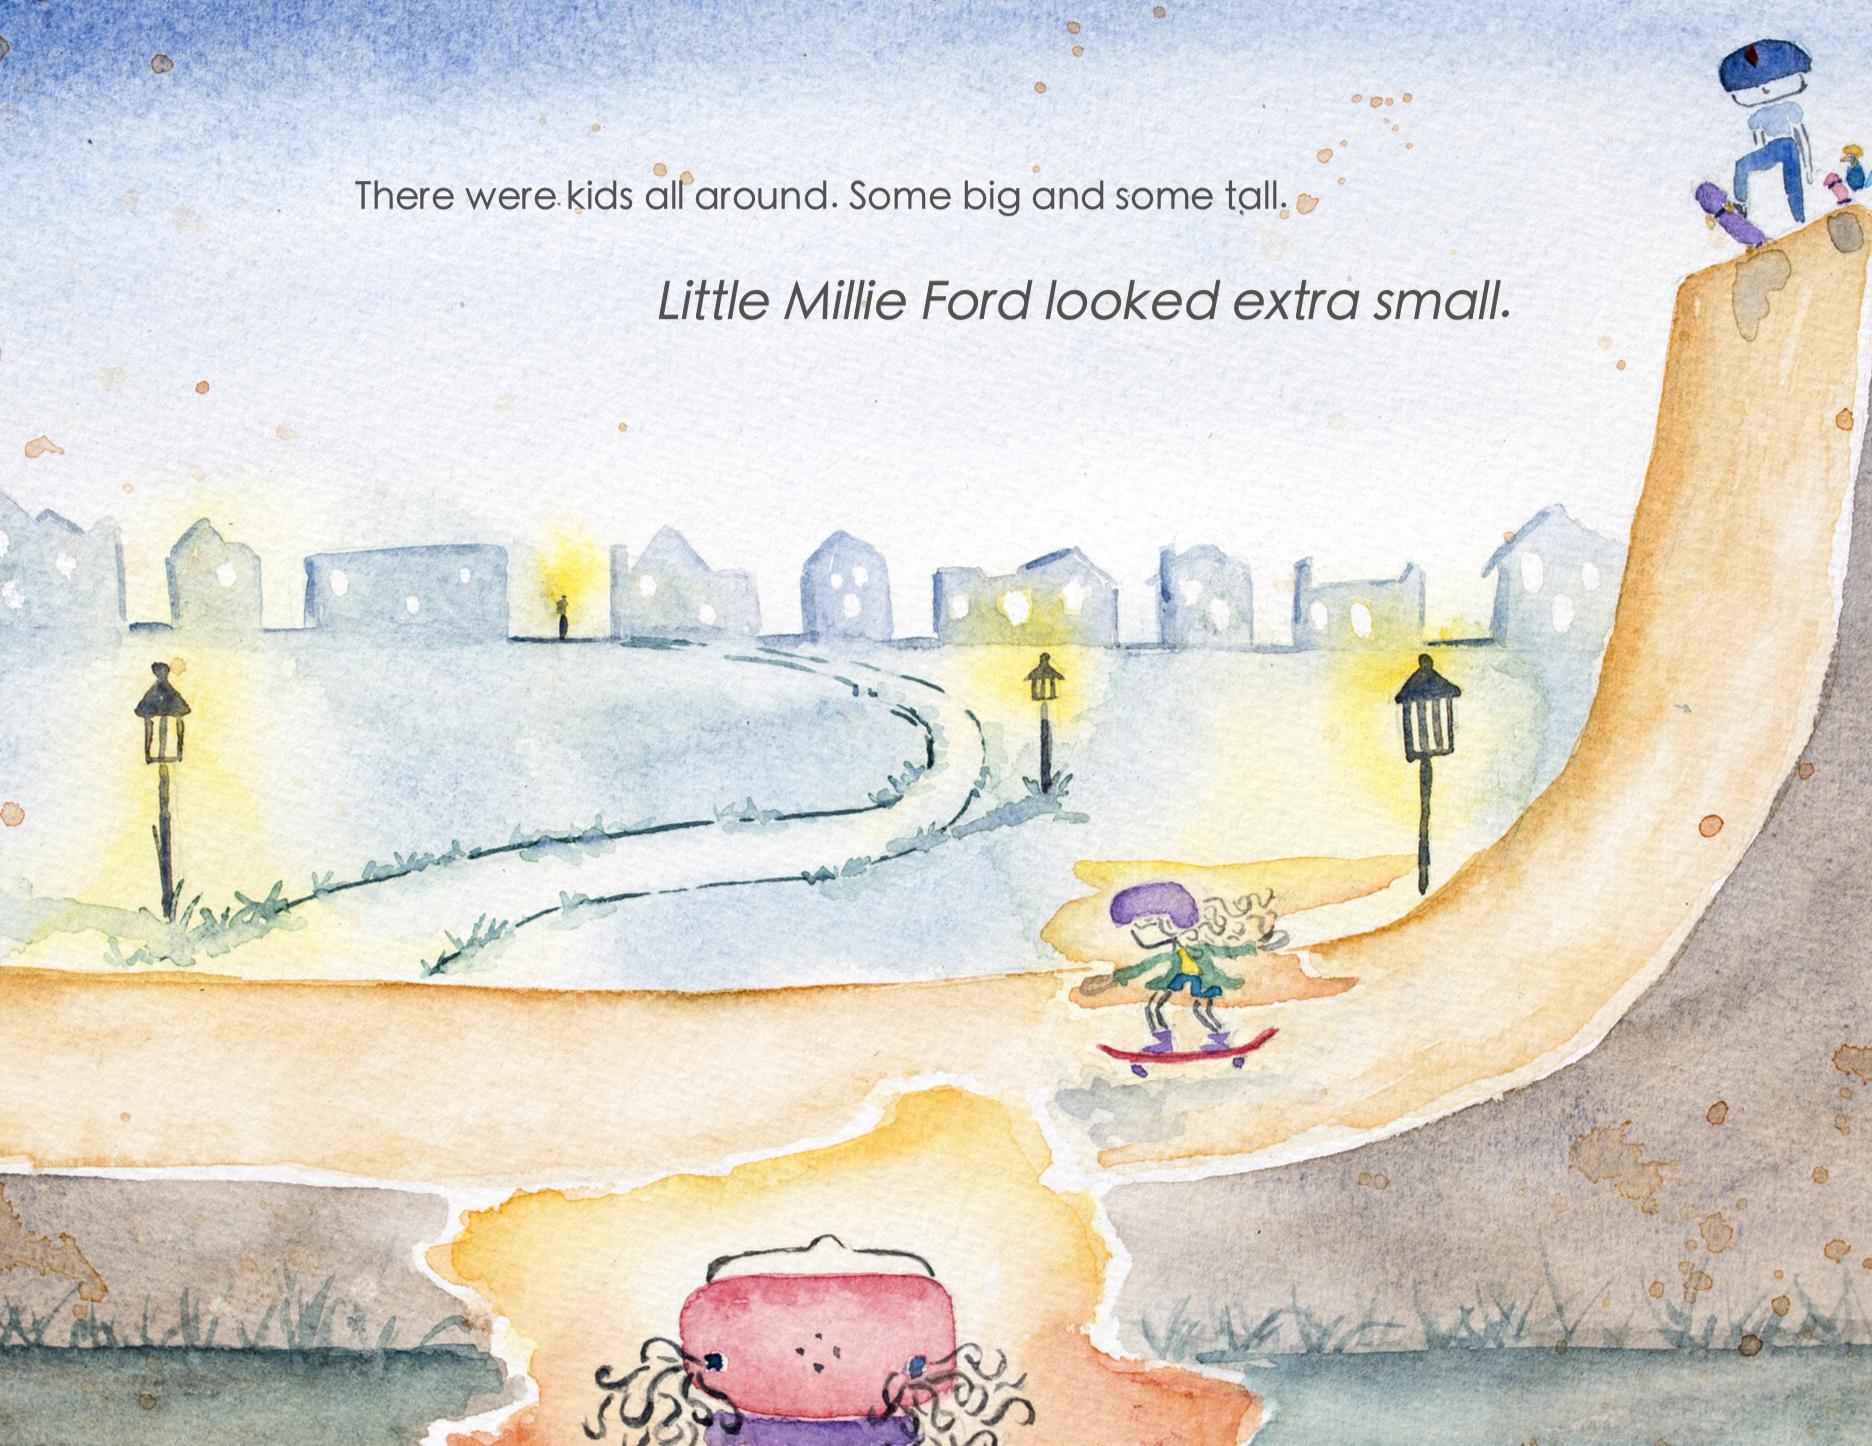 Little-Millie-Ford-and-Her-New-Skateboard-children's-book-skate-ramp